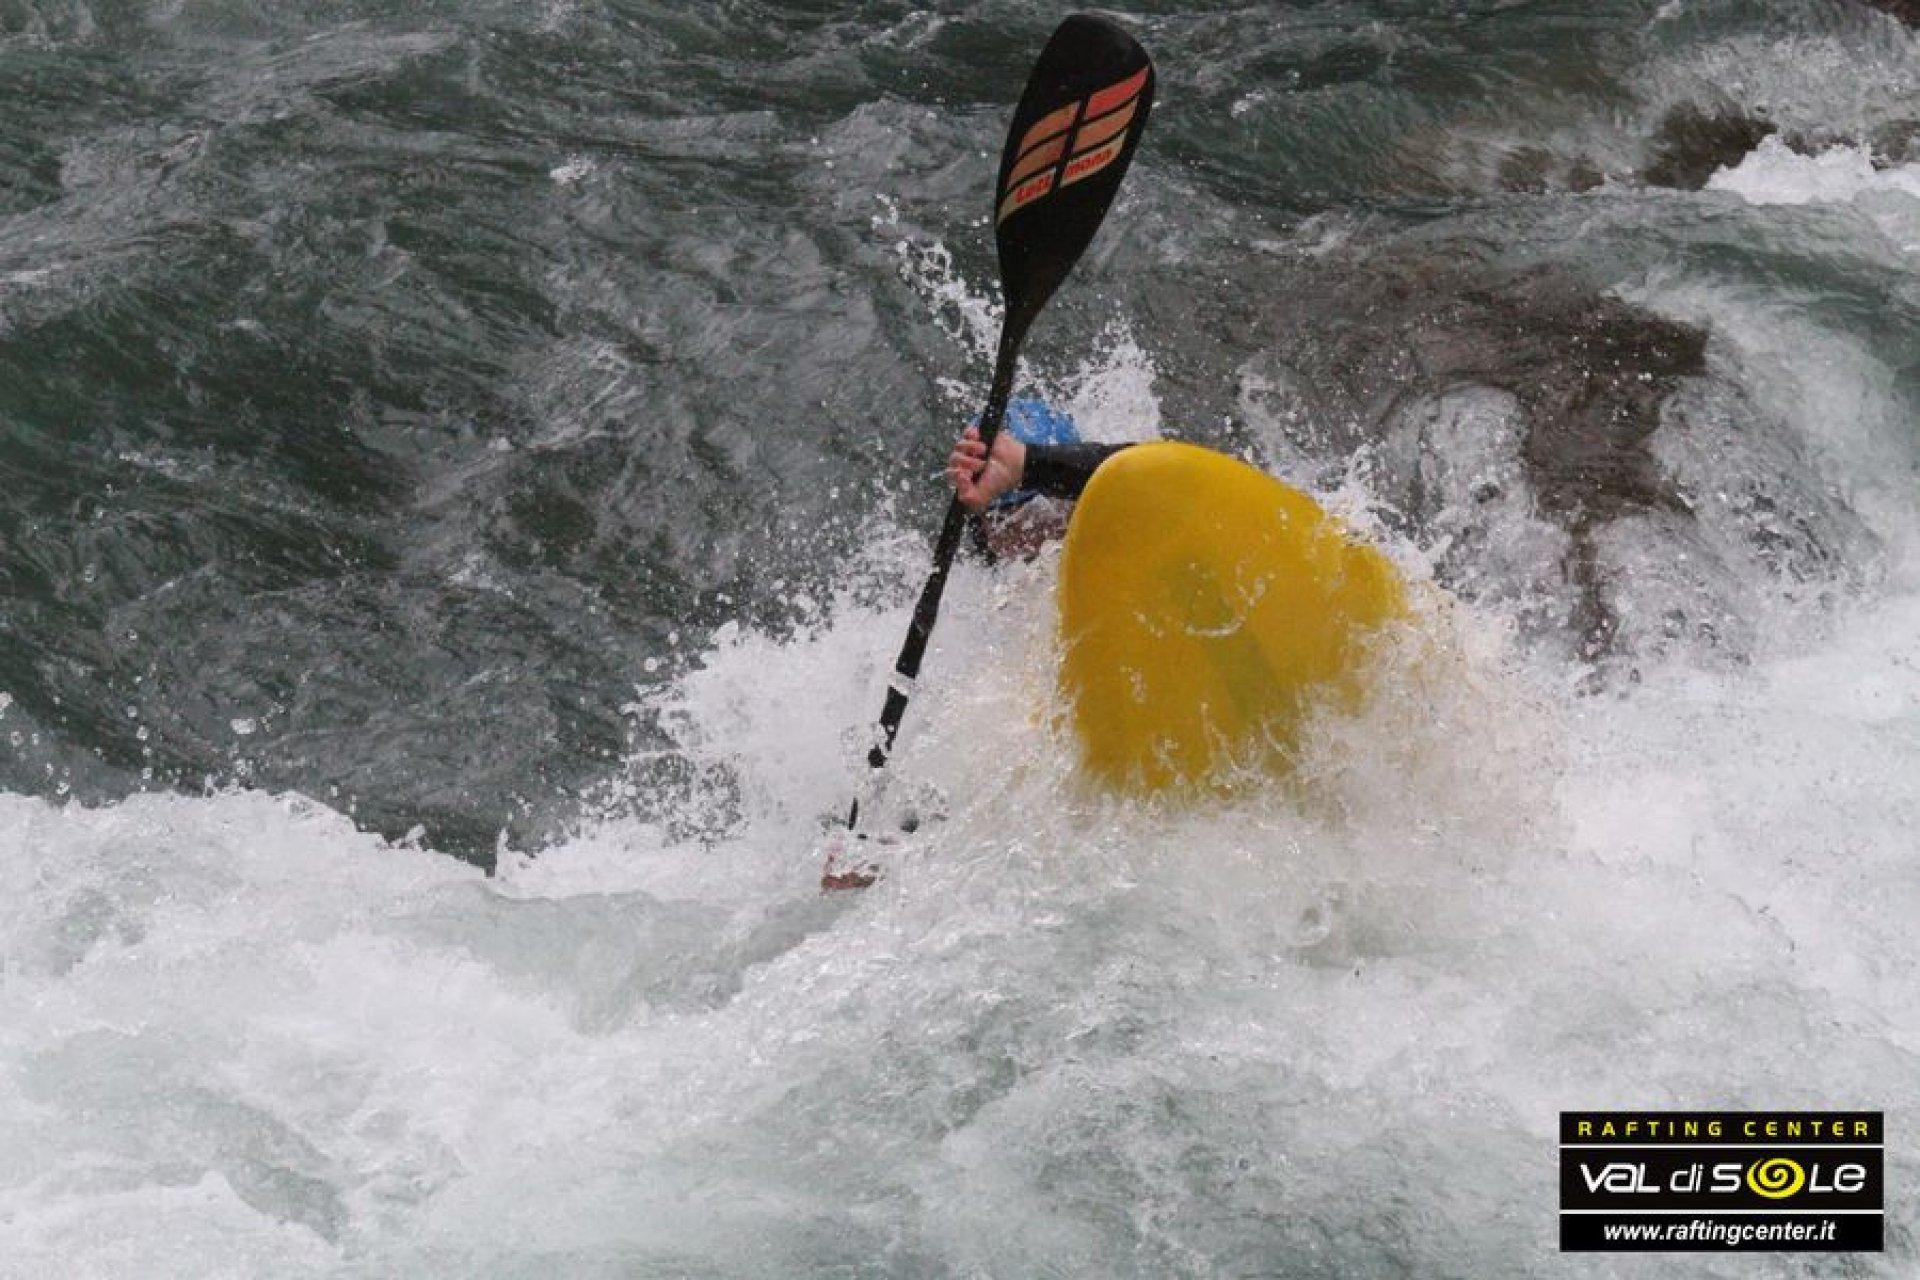 La scelta del kayak